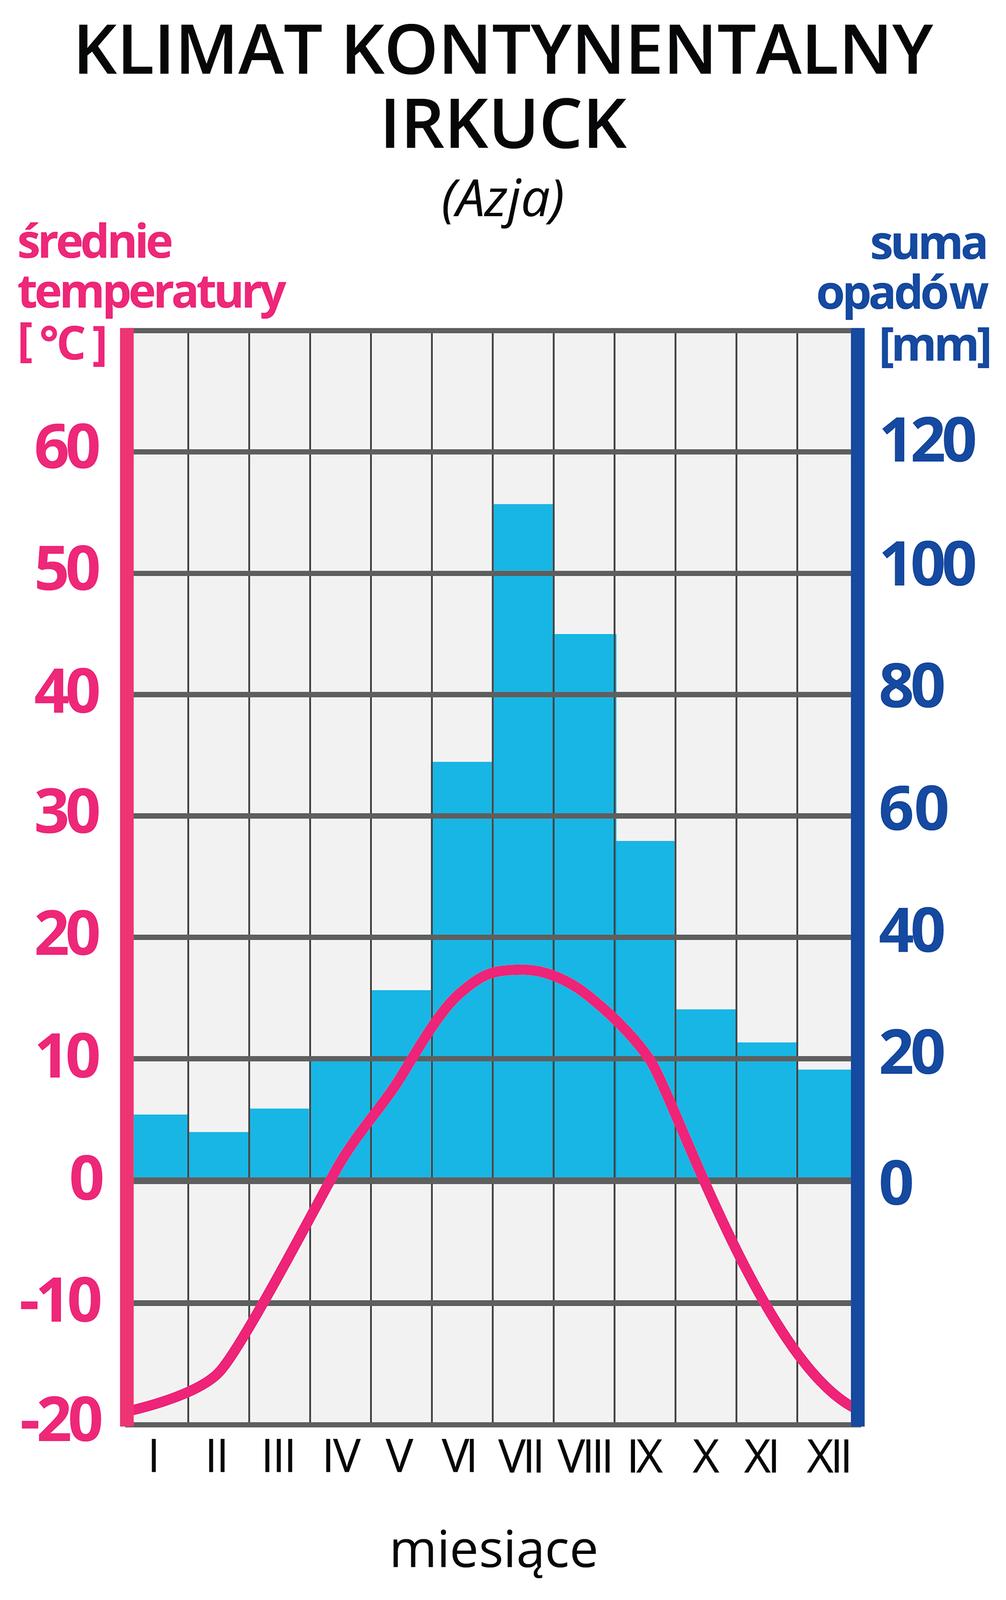 Ilustracja prezentuje wykres – klimatogram, klimatu kontynentalnego wIrkucku wAzji. Na lewej osi wykresu wyskalowano średnie temperatury wOC, na prawej osi wykresu wyskalowano sumy opadów wmm. Na osi poziomej zaznaczono cyframi rzymskimi kolejne miesiące. Czerwona pozioma linia na wykresie, to średnie temperatury wposzczególnych miesiącach. Tutaj linia rozpoczyna się na wysokości -20 OC wstyczniu iwznosi się wposzczególnych miesiącach do około 19 OC wlipcu, po czym opada do -20 OC wgrudniu. Niebieskie słupki, to wysokości sum opadów wposzczególnych miesiącach. Najwyższe opady, powyżej 40 mm, wmiesiącach czerwiec-wrzesień. Opady, poniżej 20 mm wmiesiącach listopad -kwiecień .